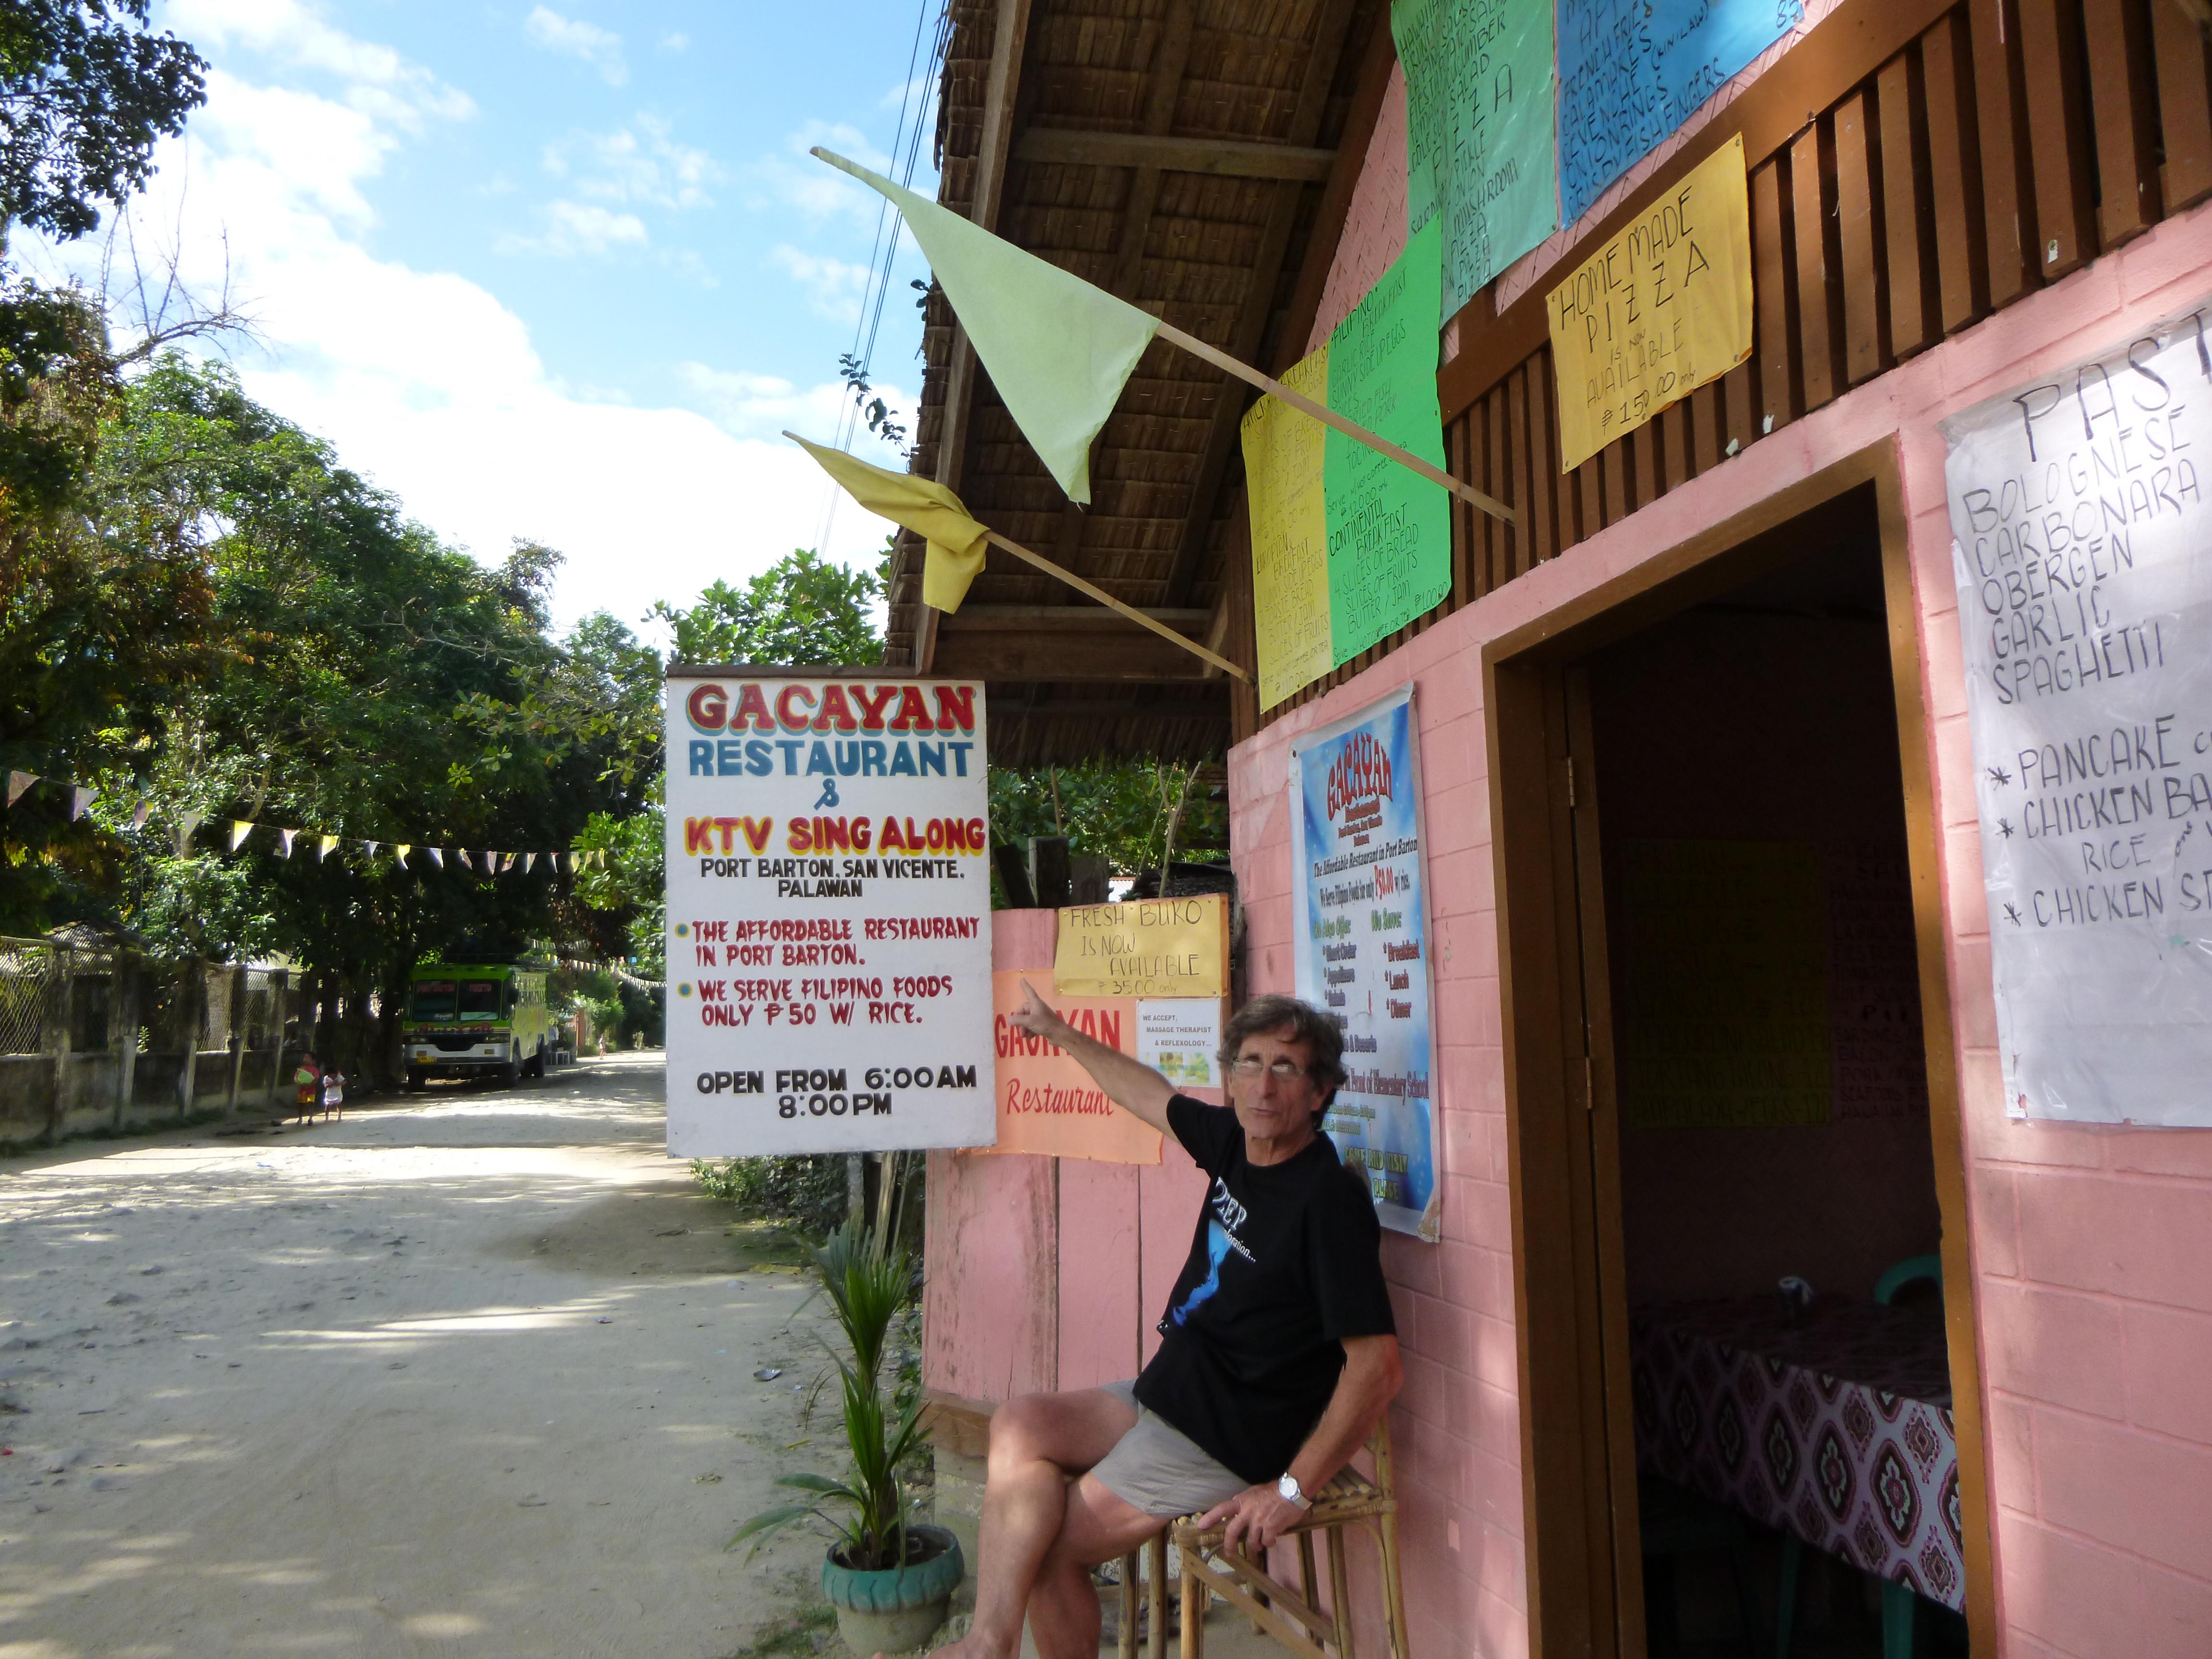 Gayacan, un des meilleurs restos filipins du coin